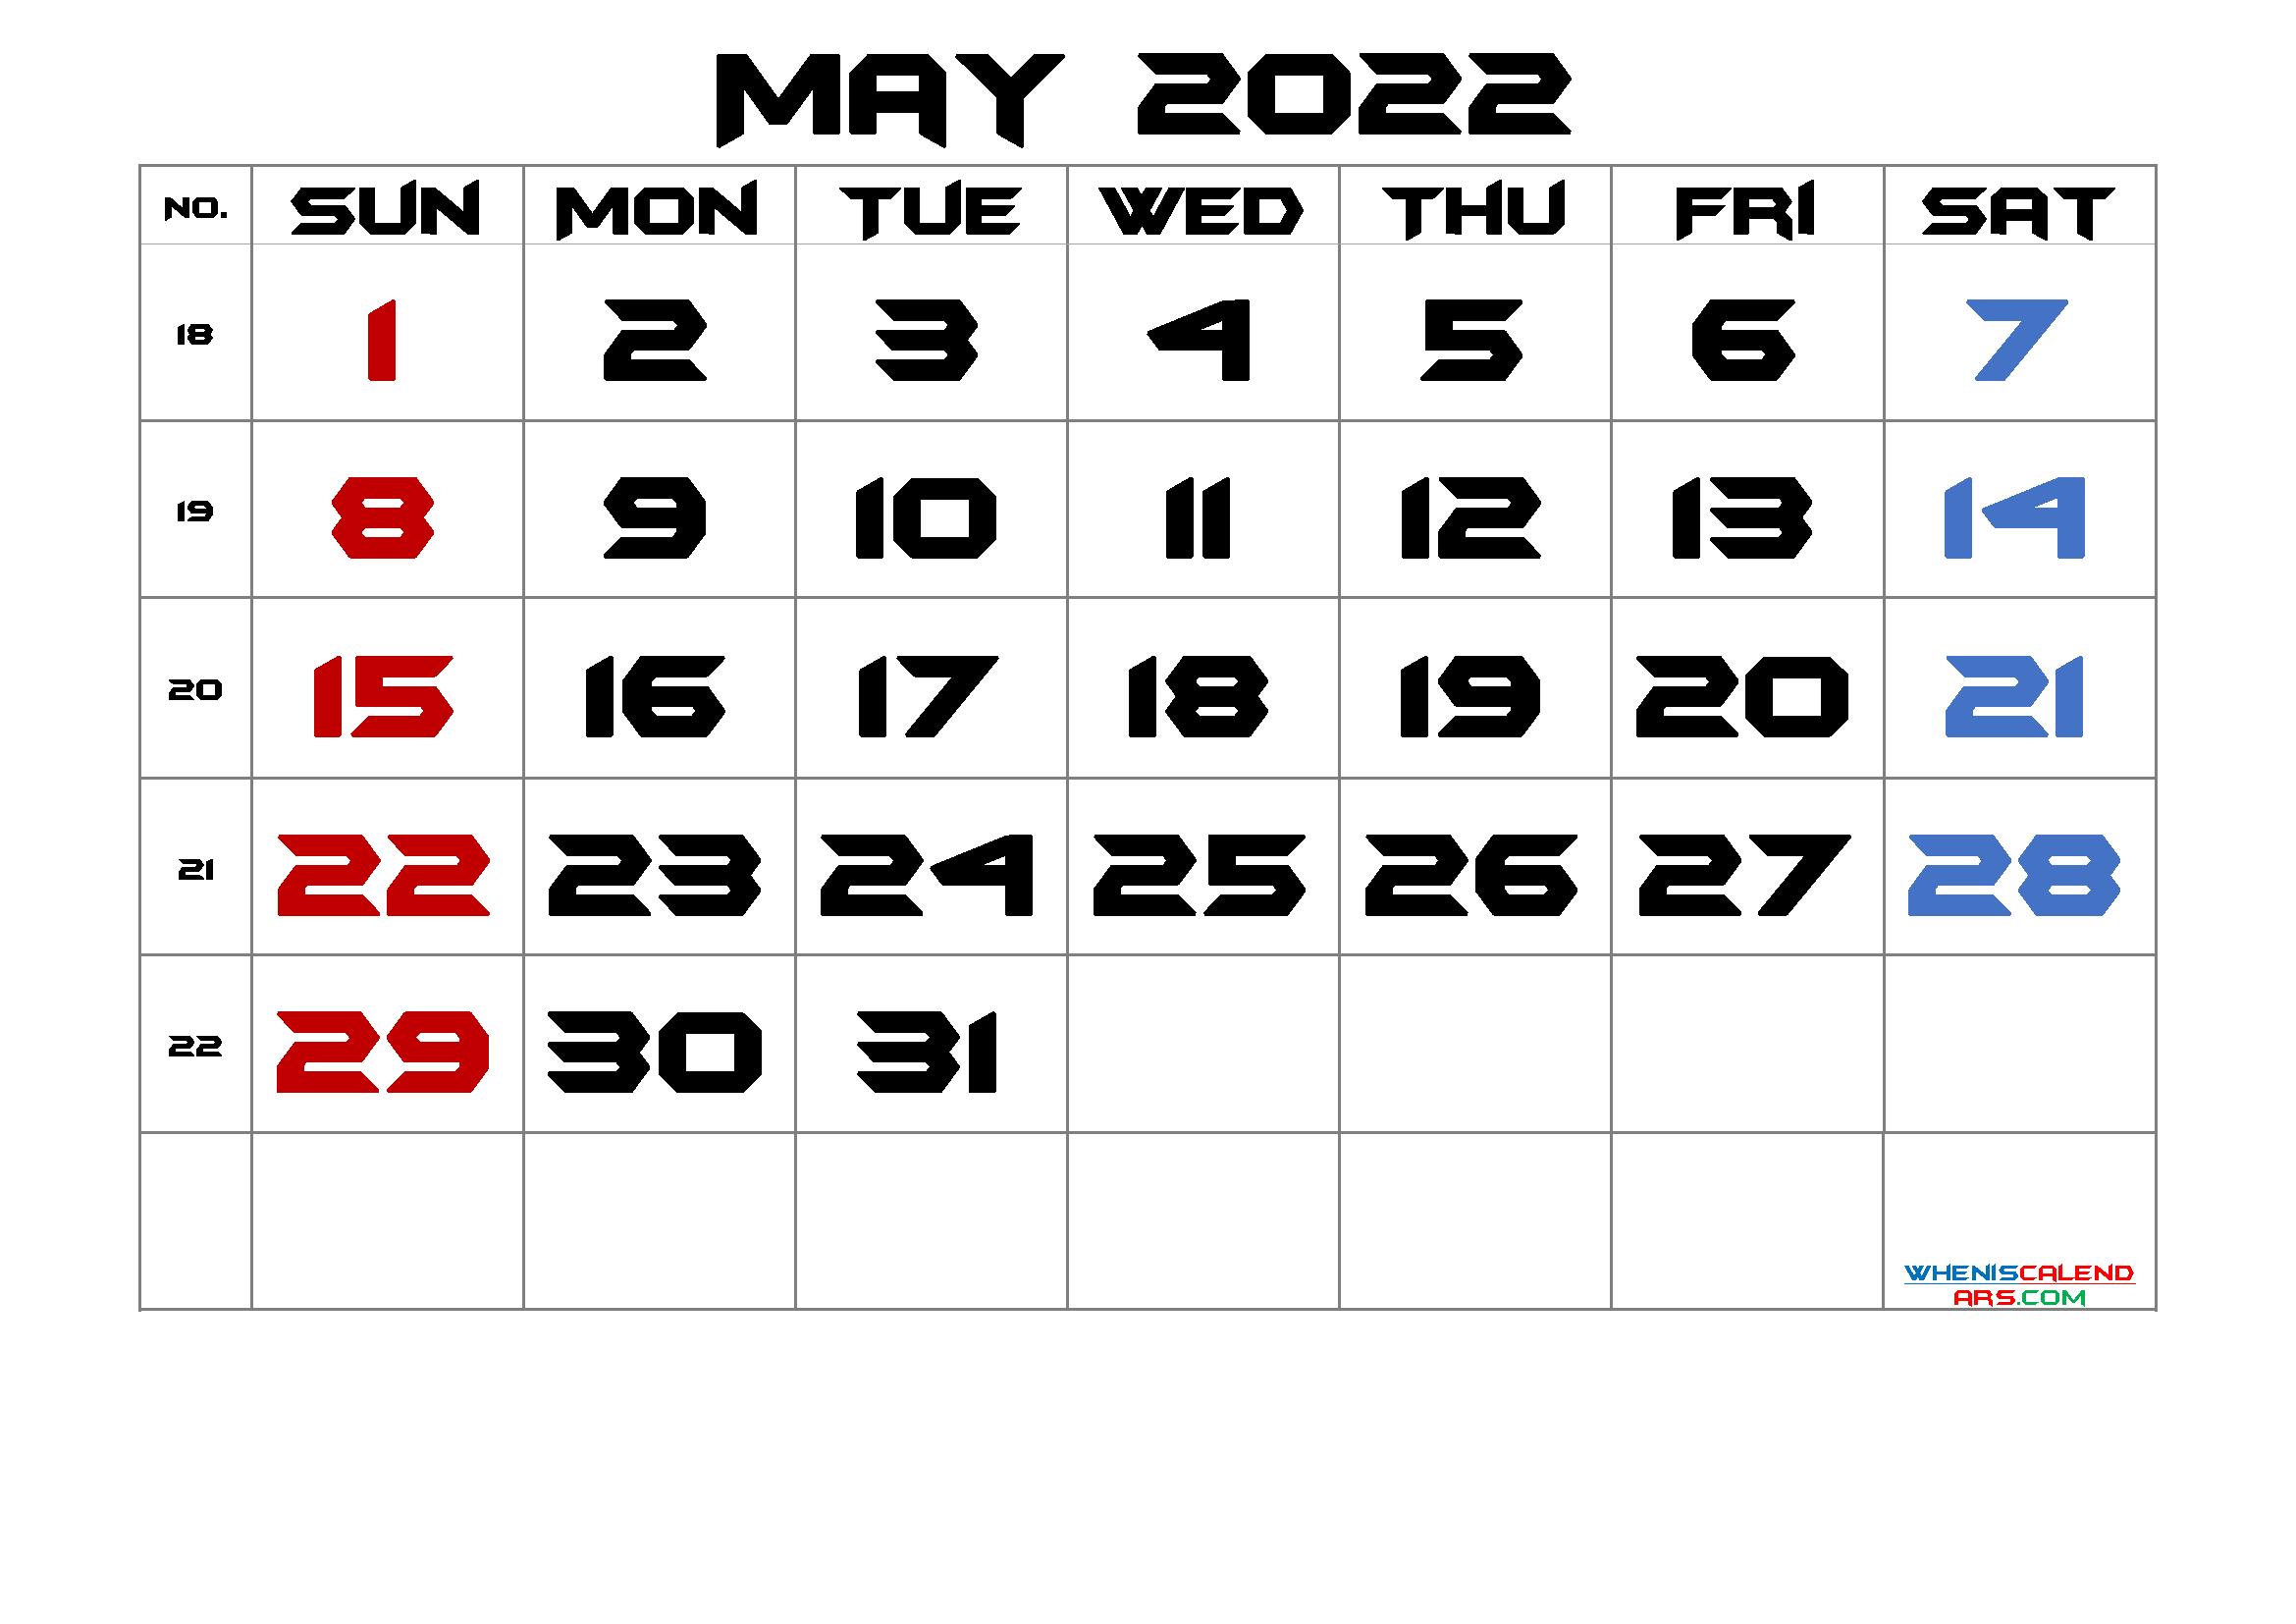 May 2022 Printable Calendar with Week Numbers